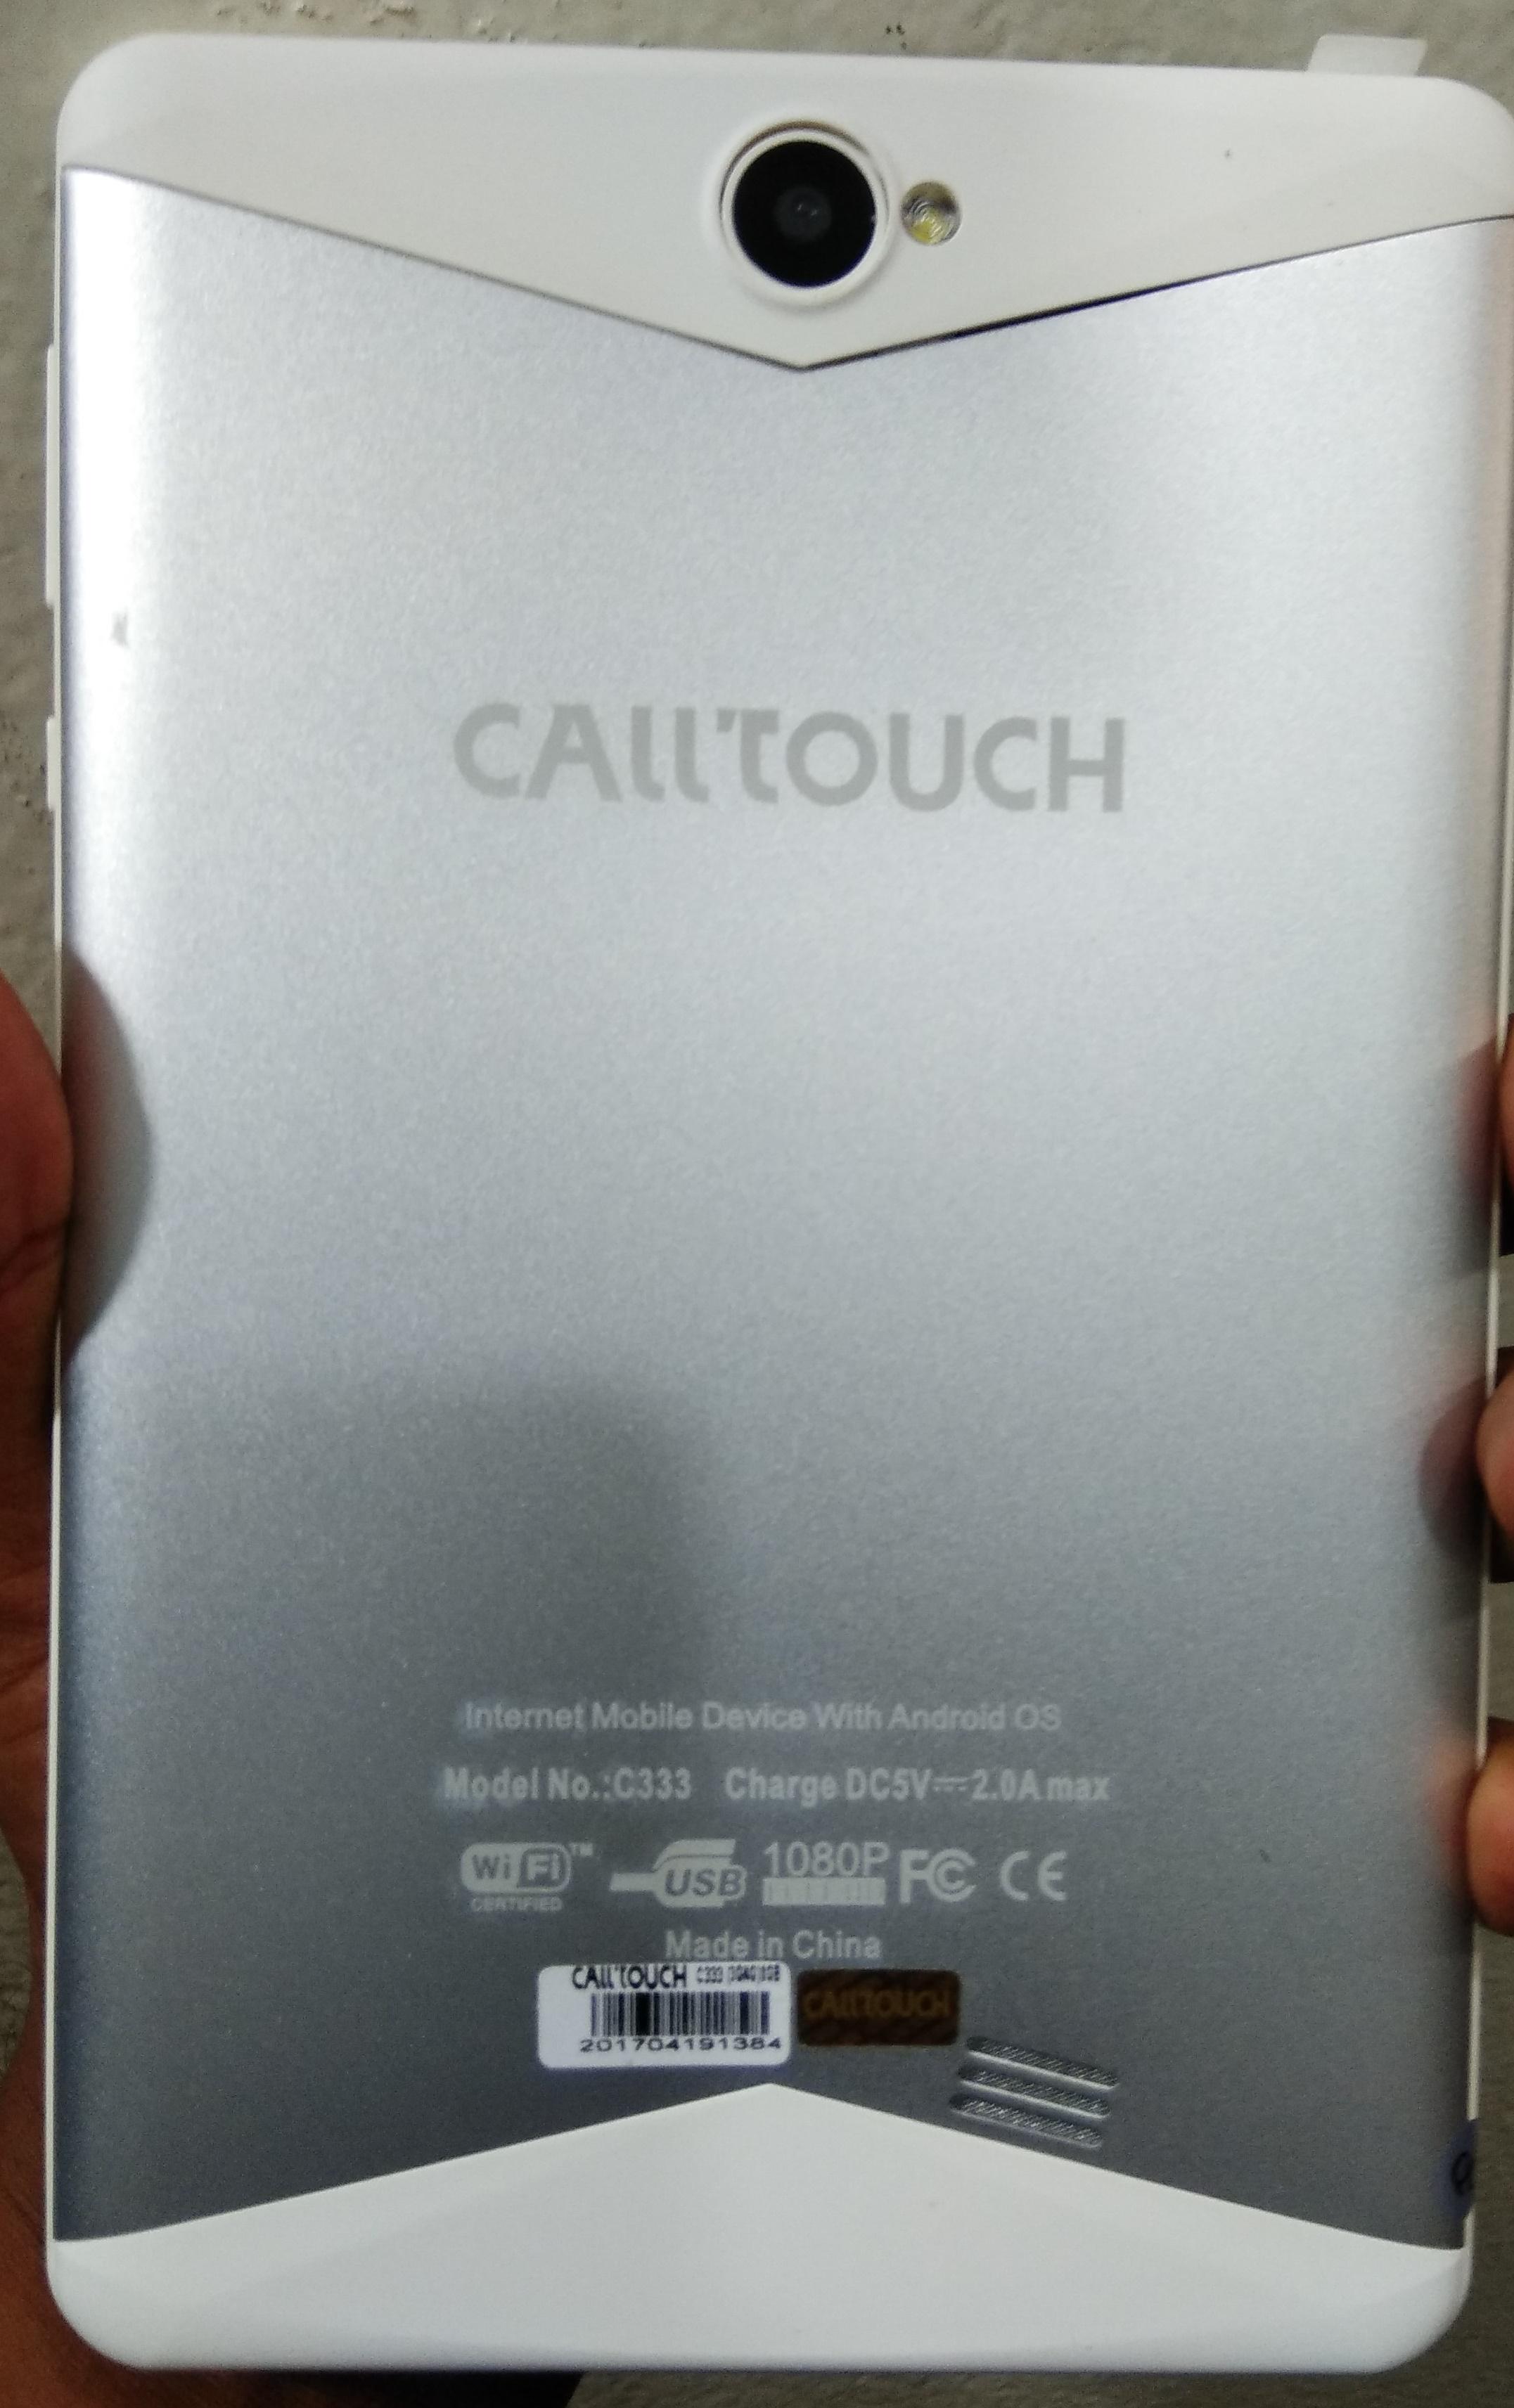 البحث عن الفلاشة المفقودة لجهاز  calltouch c333 بصيغة pac